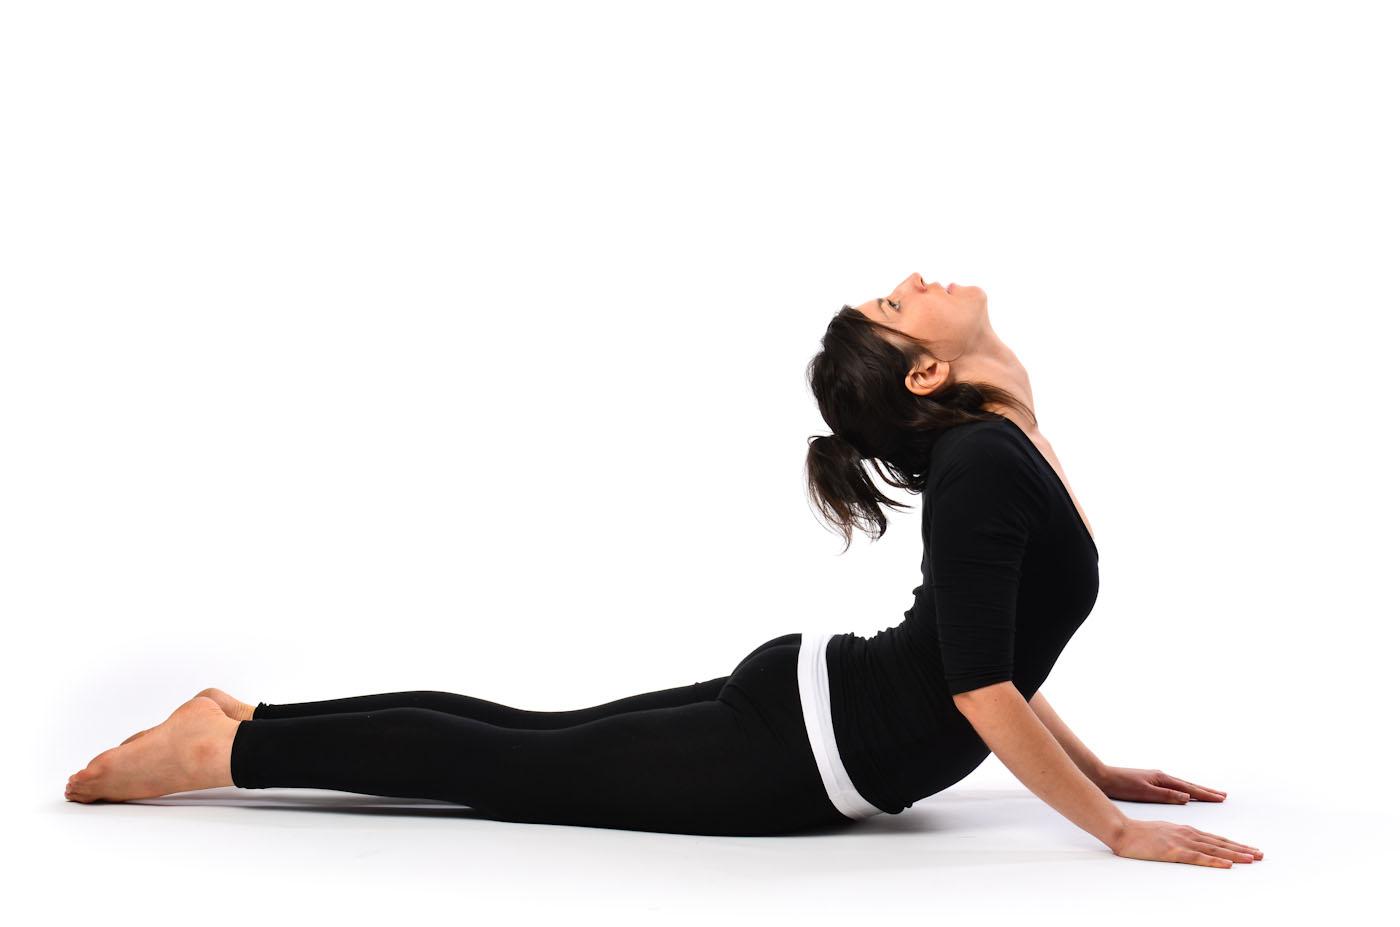 gerakan yoga untuk mengecilkan perut - yoga Bhujangasana